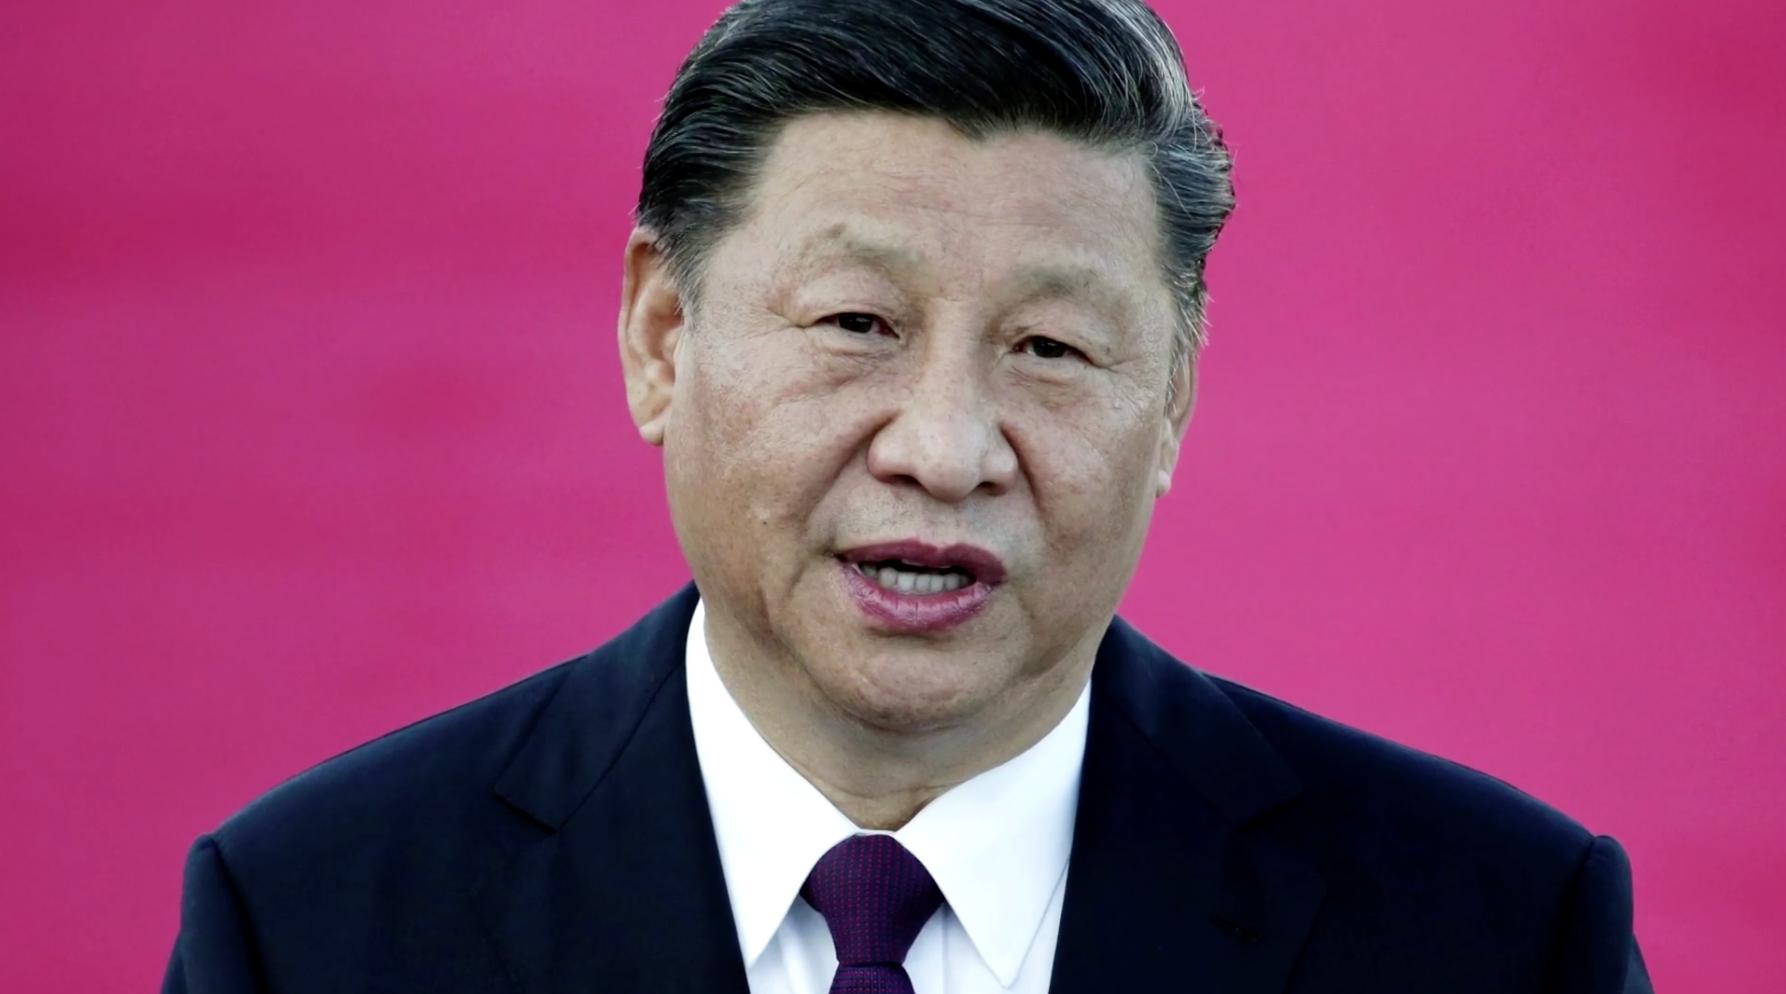 """Cố vấn An ninh Hoa Kỳ cho biết Trung Cộng đang tiến hành tội ác """"gần giống"""" nạn diệt chủng ở Tân Cương"""